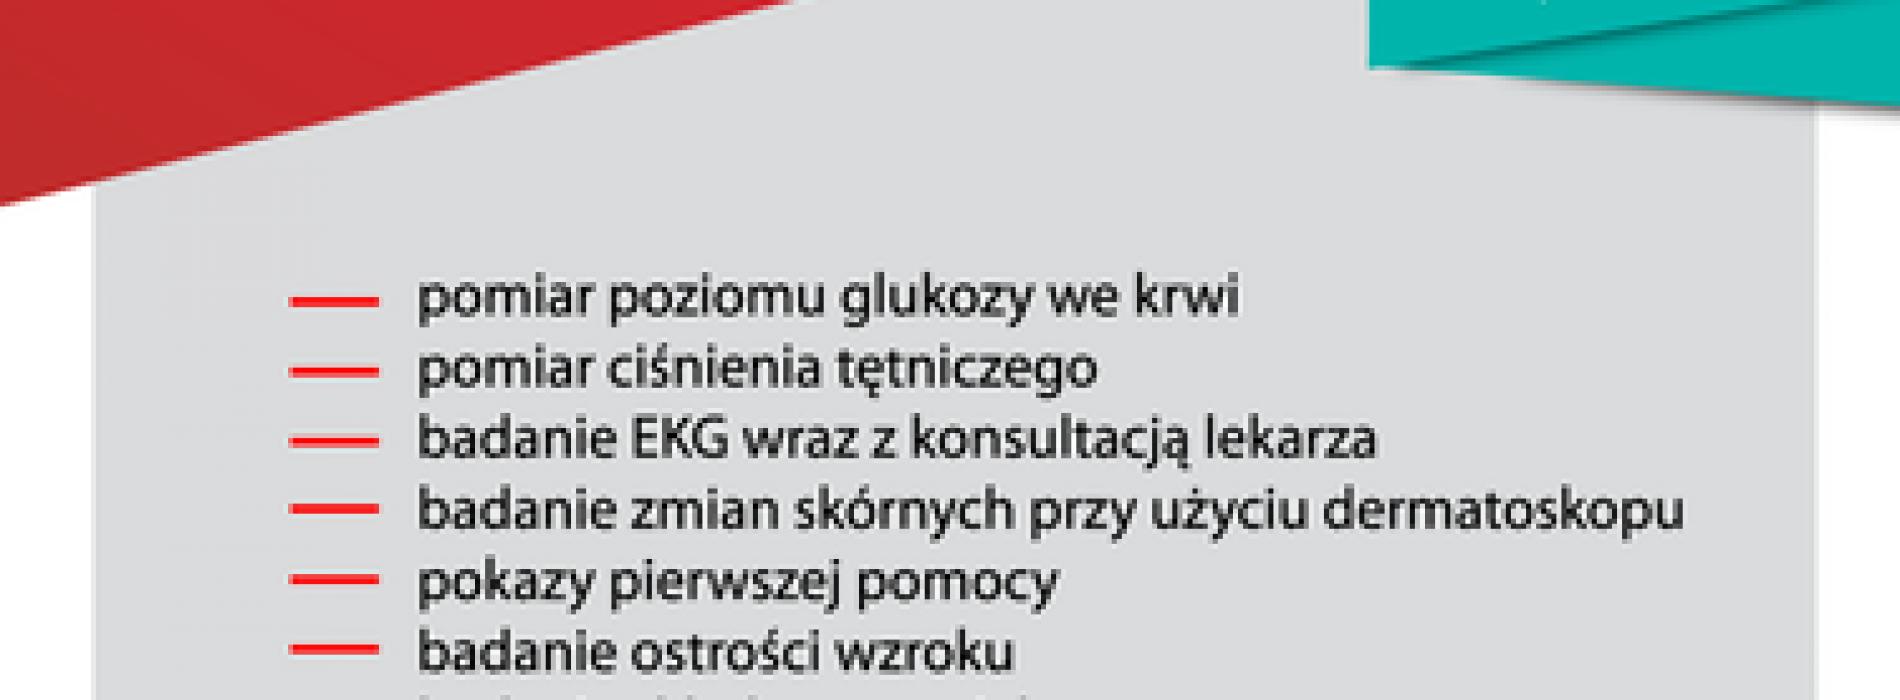 """Kolejna edycja akcji """"Zdrowie pod kontrolą"""""""